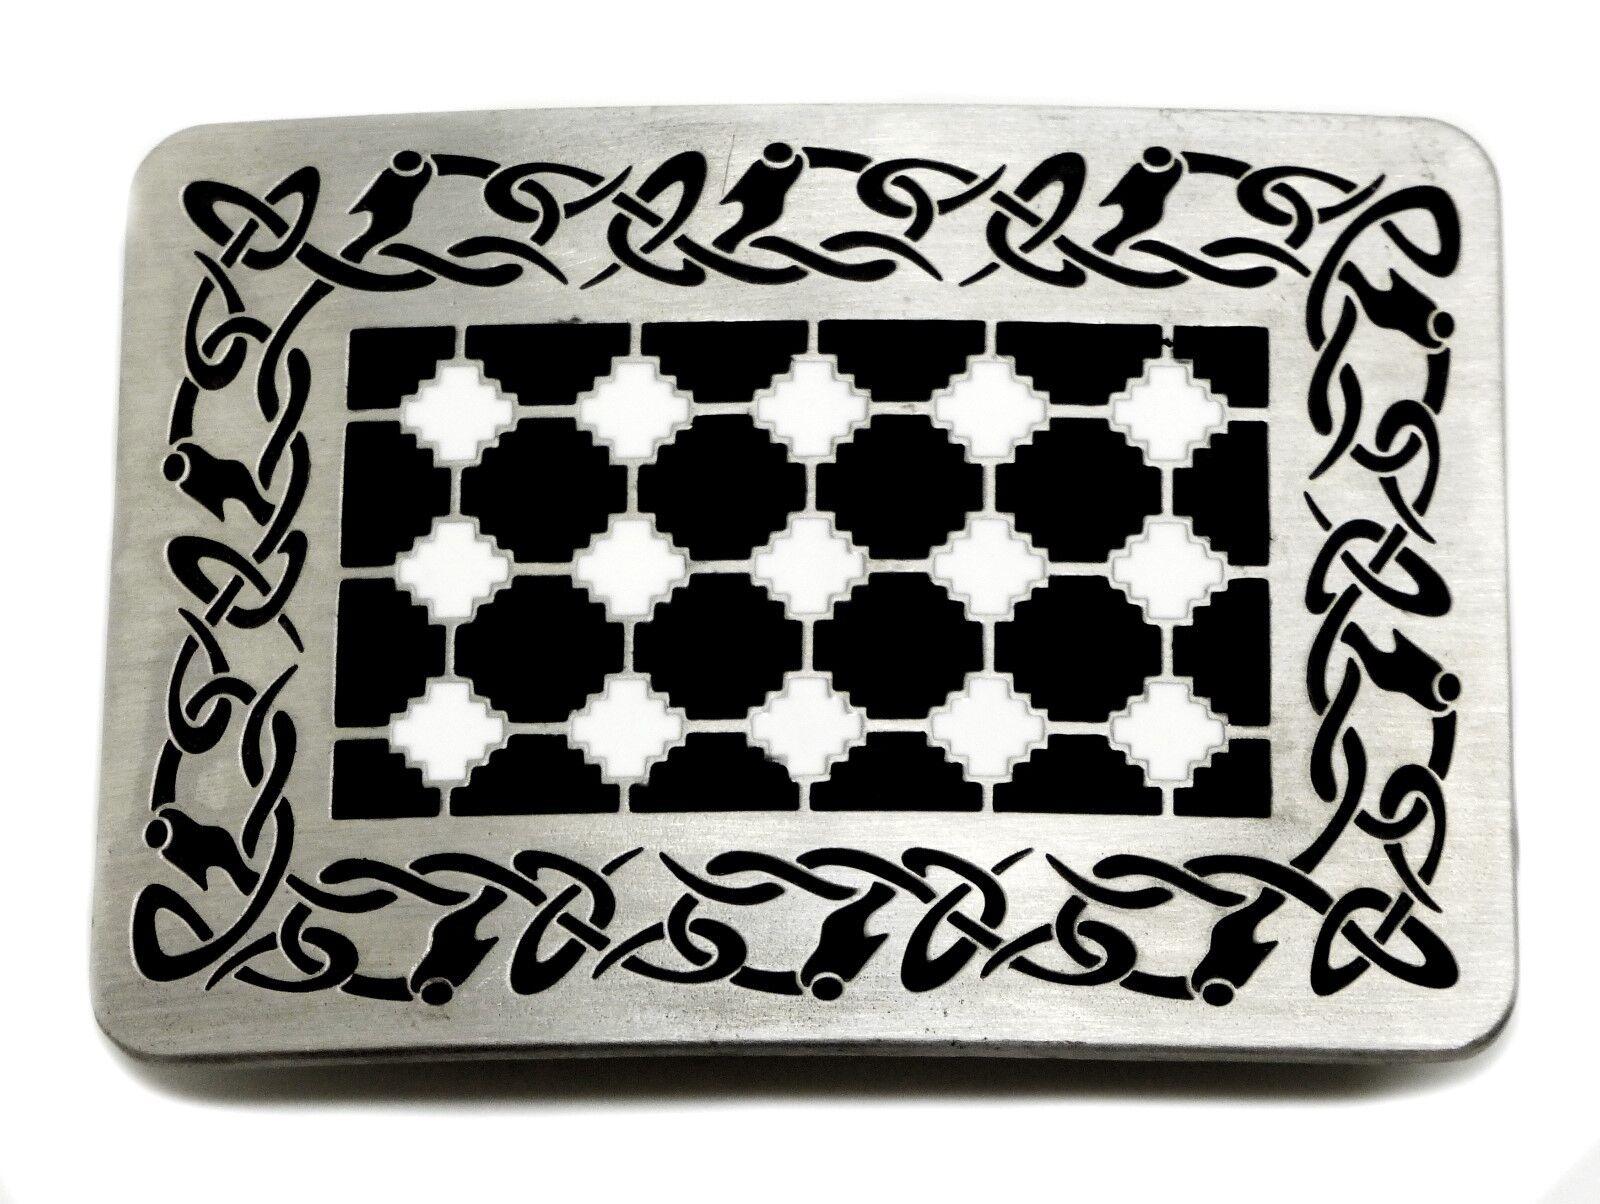 Celtic Knot Belt Buckle Black & White Oblong Design Authentic Dragon Designs